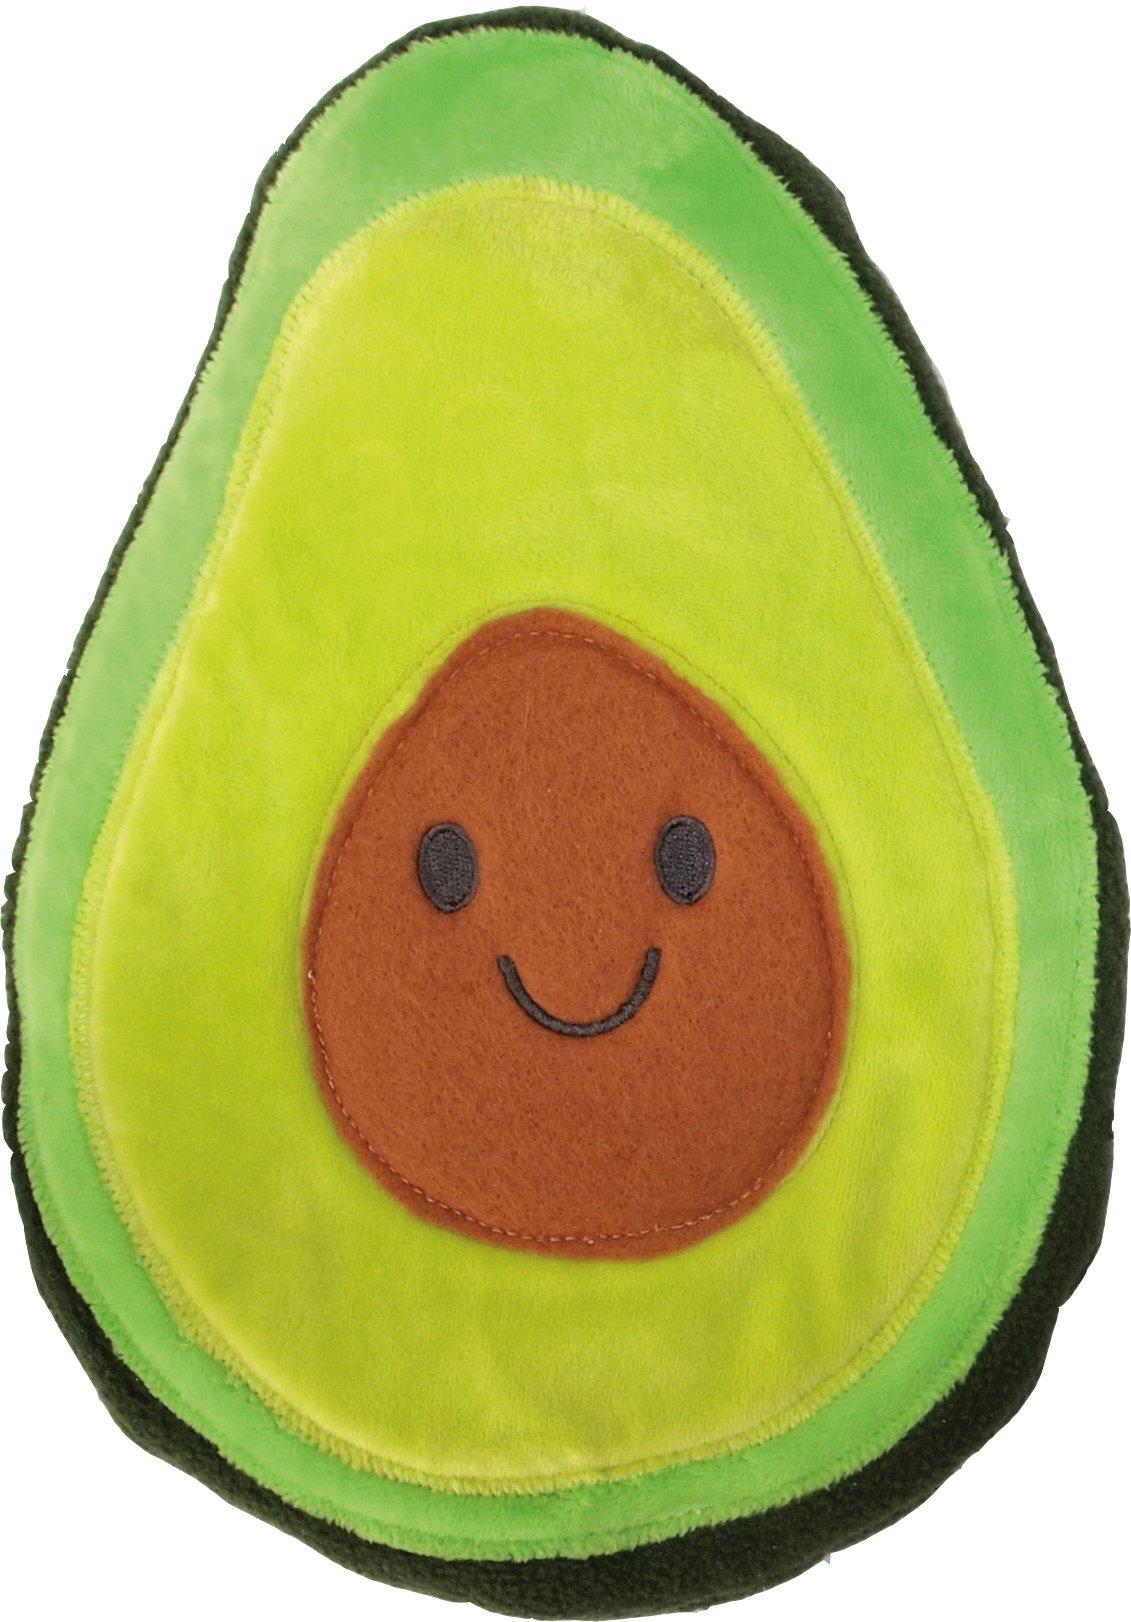 Gamago Huggable Avocado Pillow Heatable, Green/Brown by GAMAGO